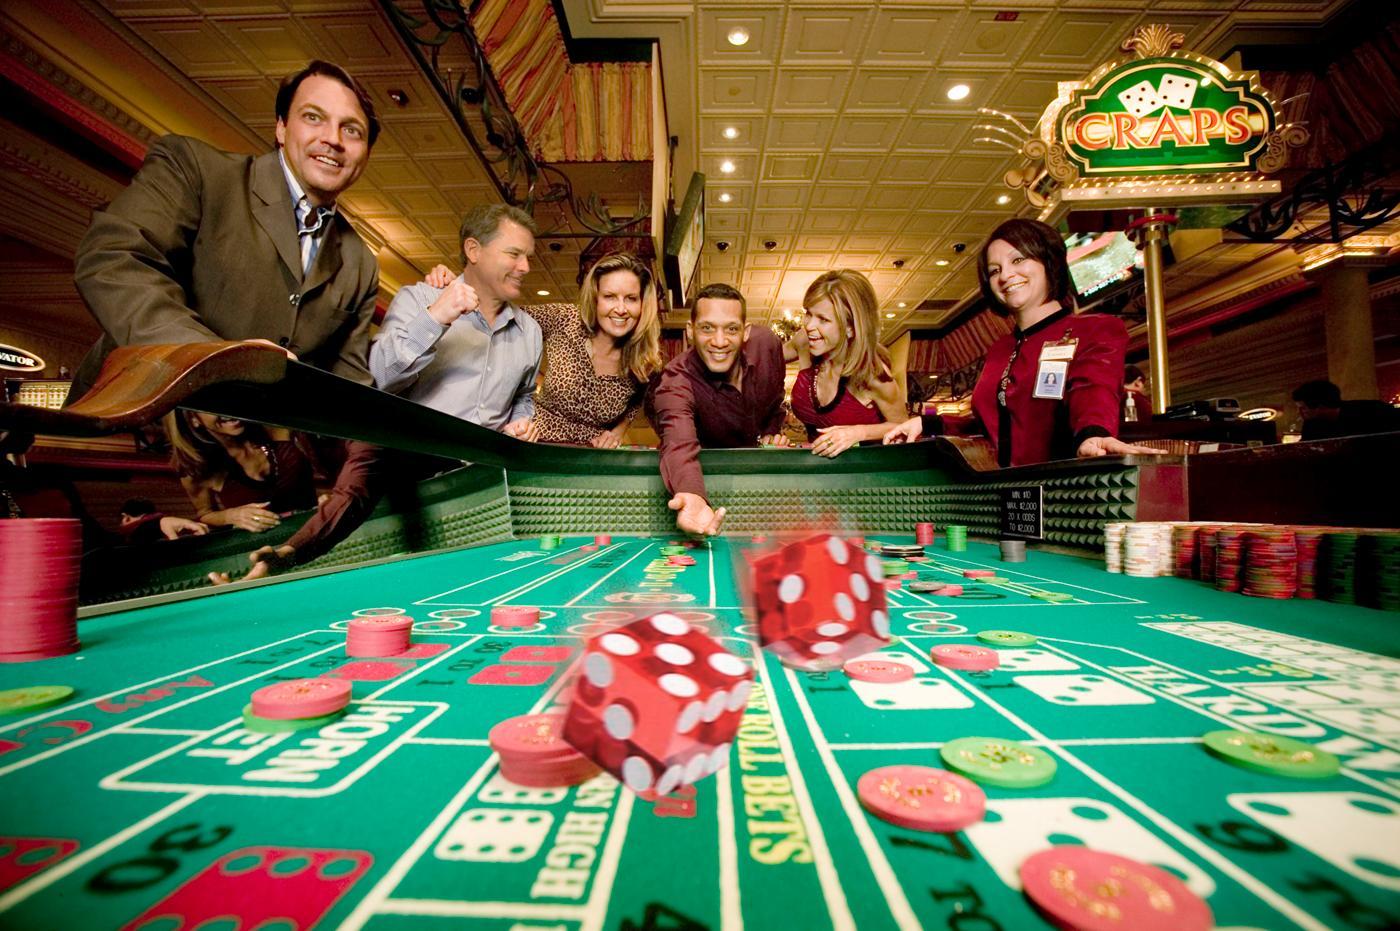 Les moyens pour maitriser les jeux casino